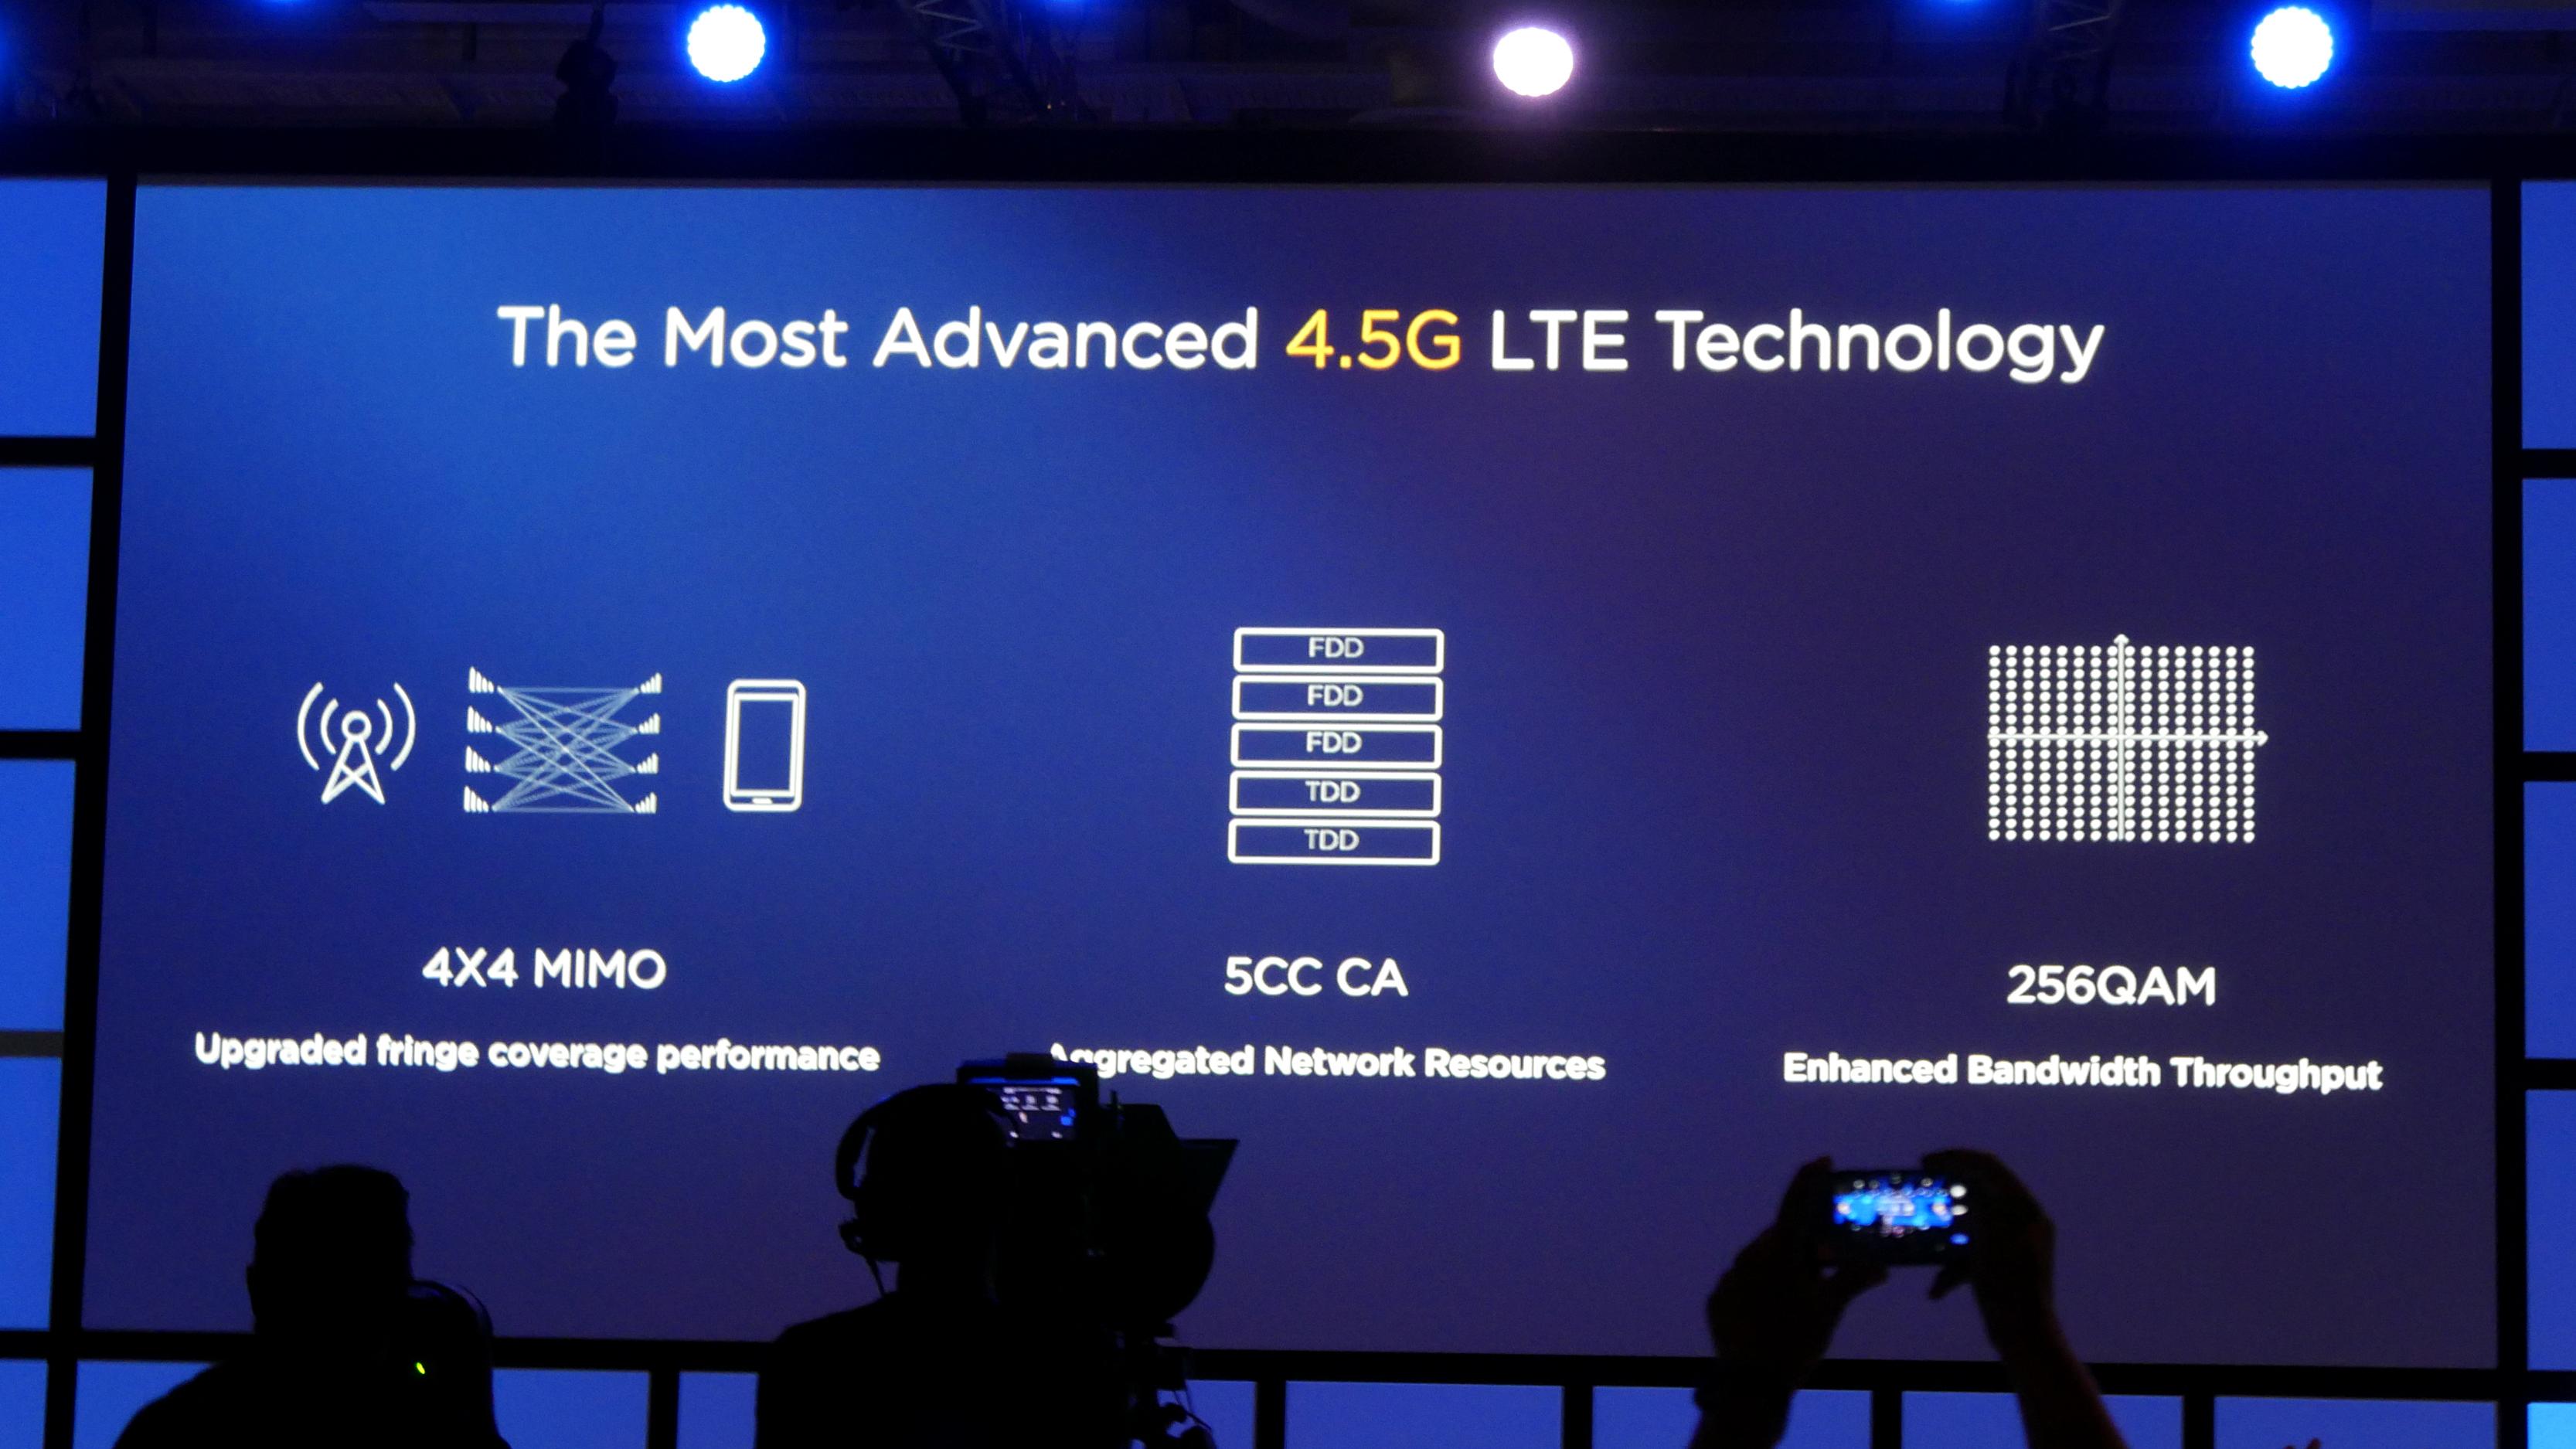 Kirin 970: Huawei-Chip hat AI-Hardware und schnellstes LTE - Huawei hat das derzeit schnellste LTE-Modem. (Foto: Marc Sauter/Golem.de)